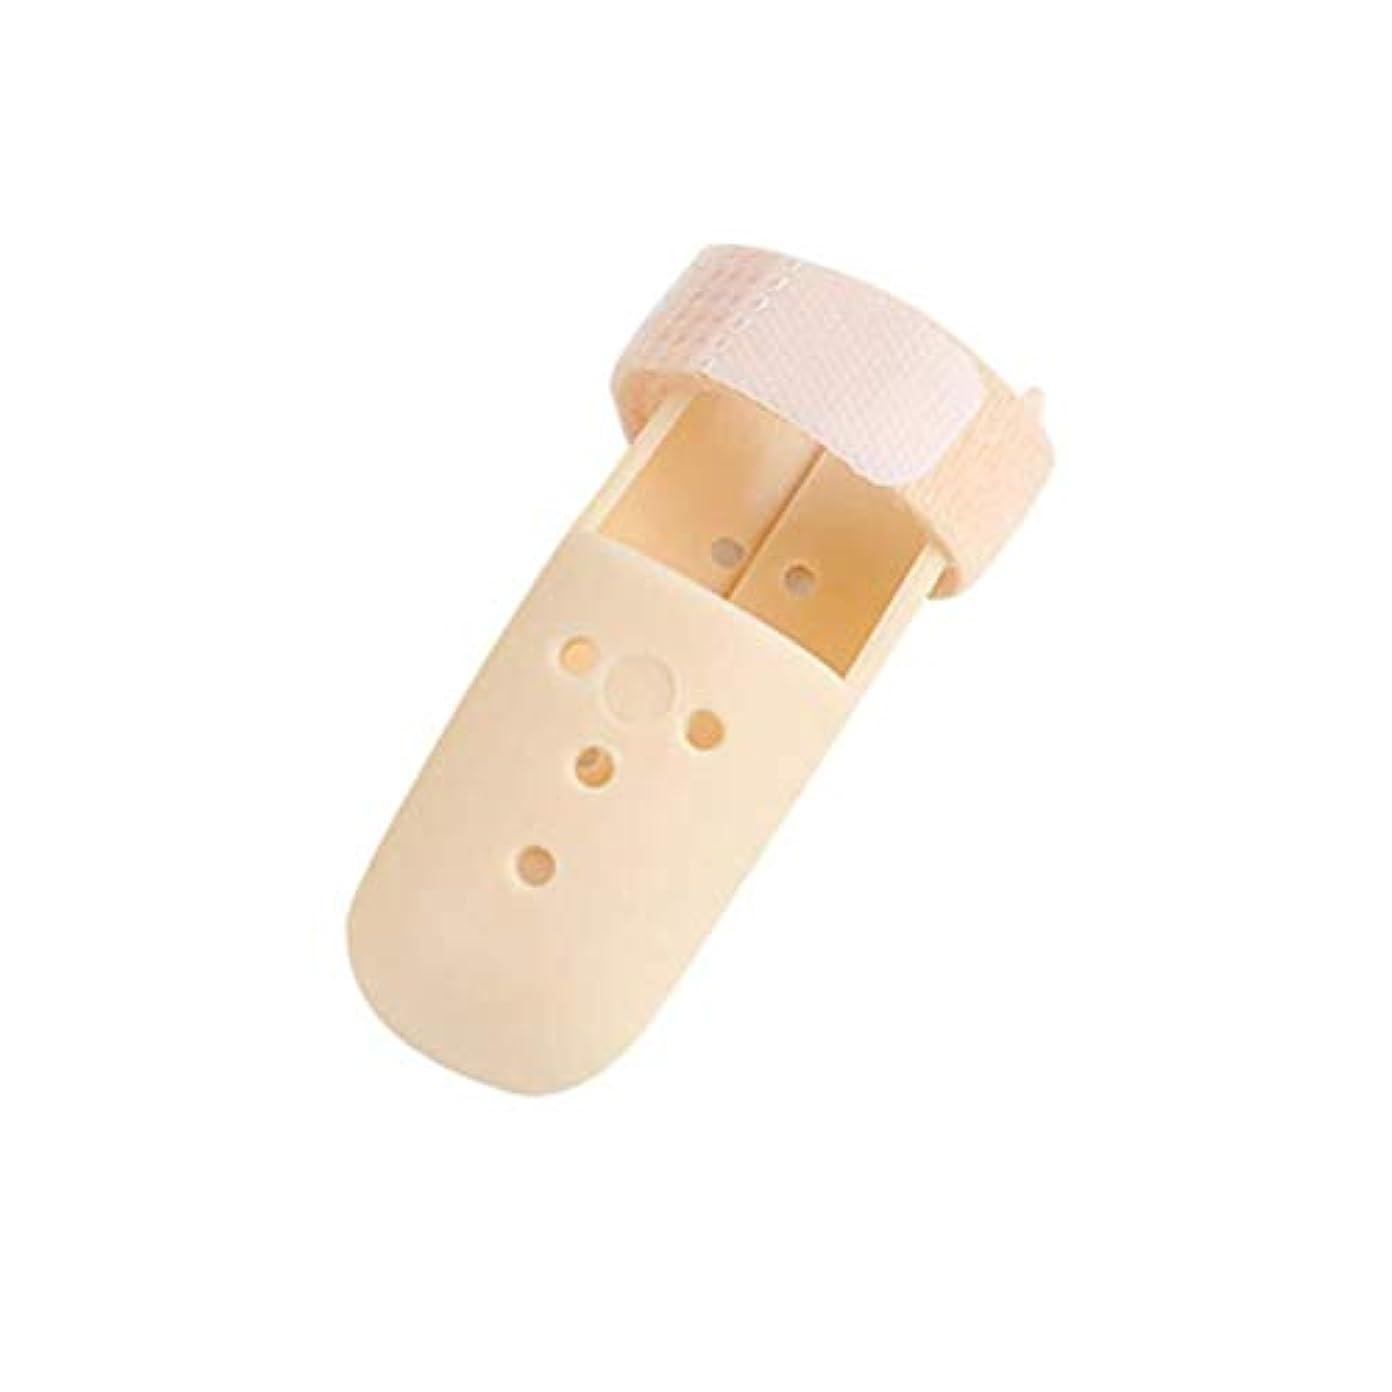 フクロウ盗賊同性愛者指のけがのためのトリガーのための指の添え木、壊れた関節炎の指ブレース矯正指サポートプロテクター